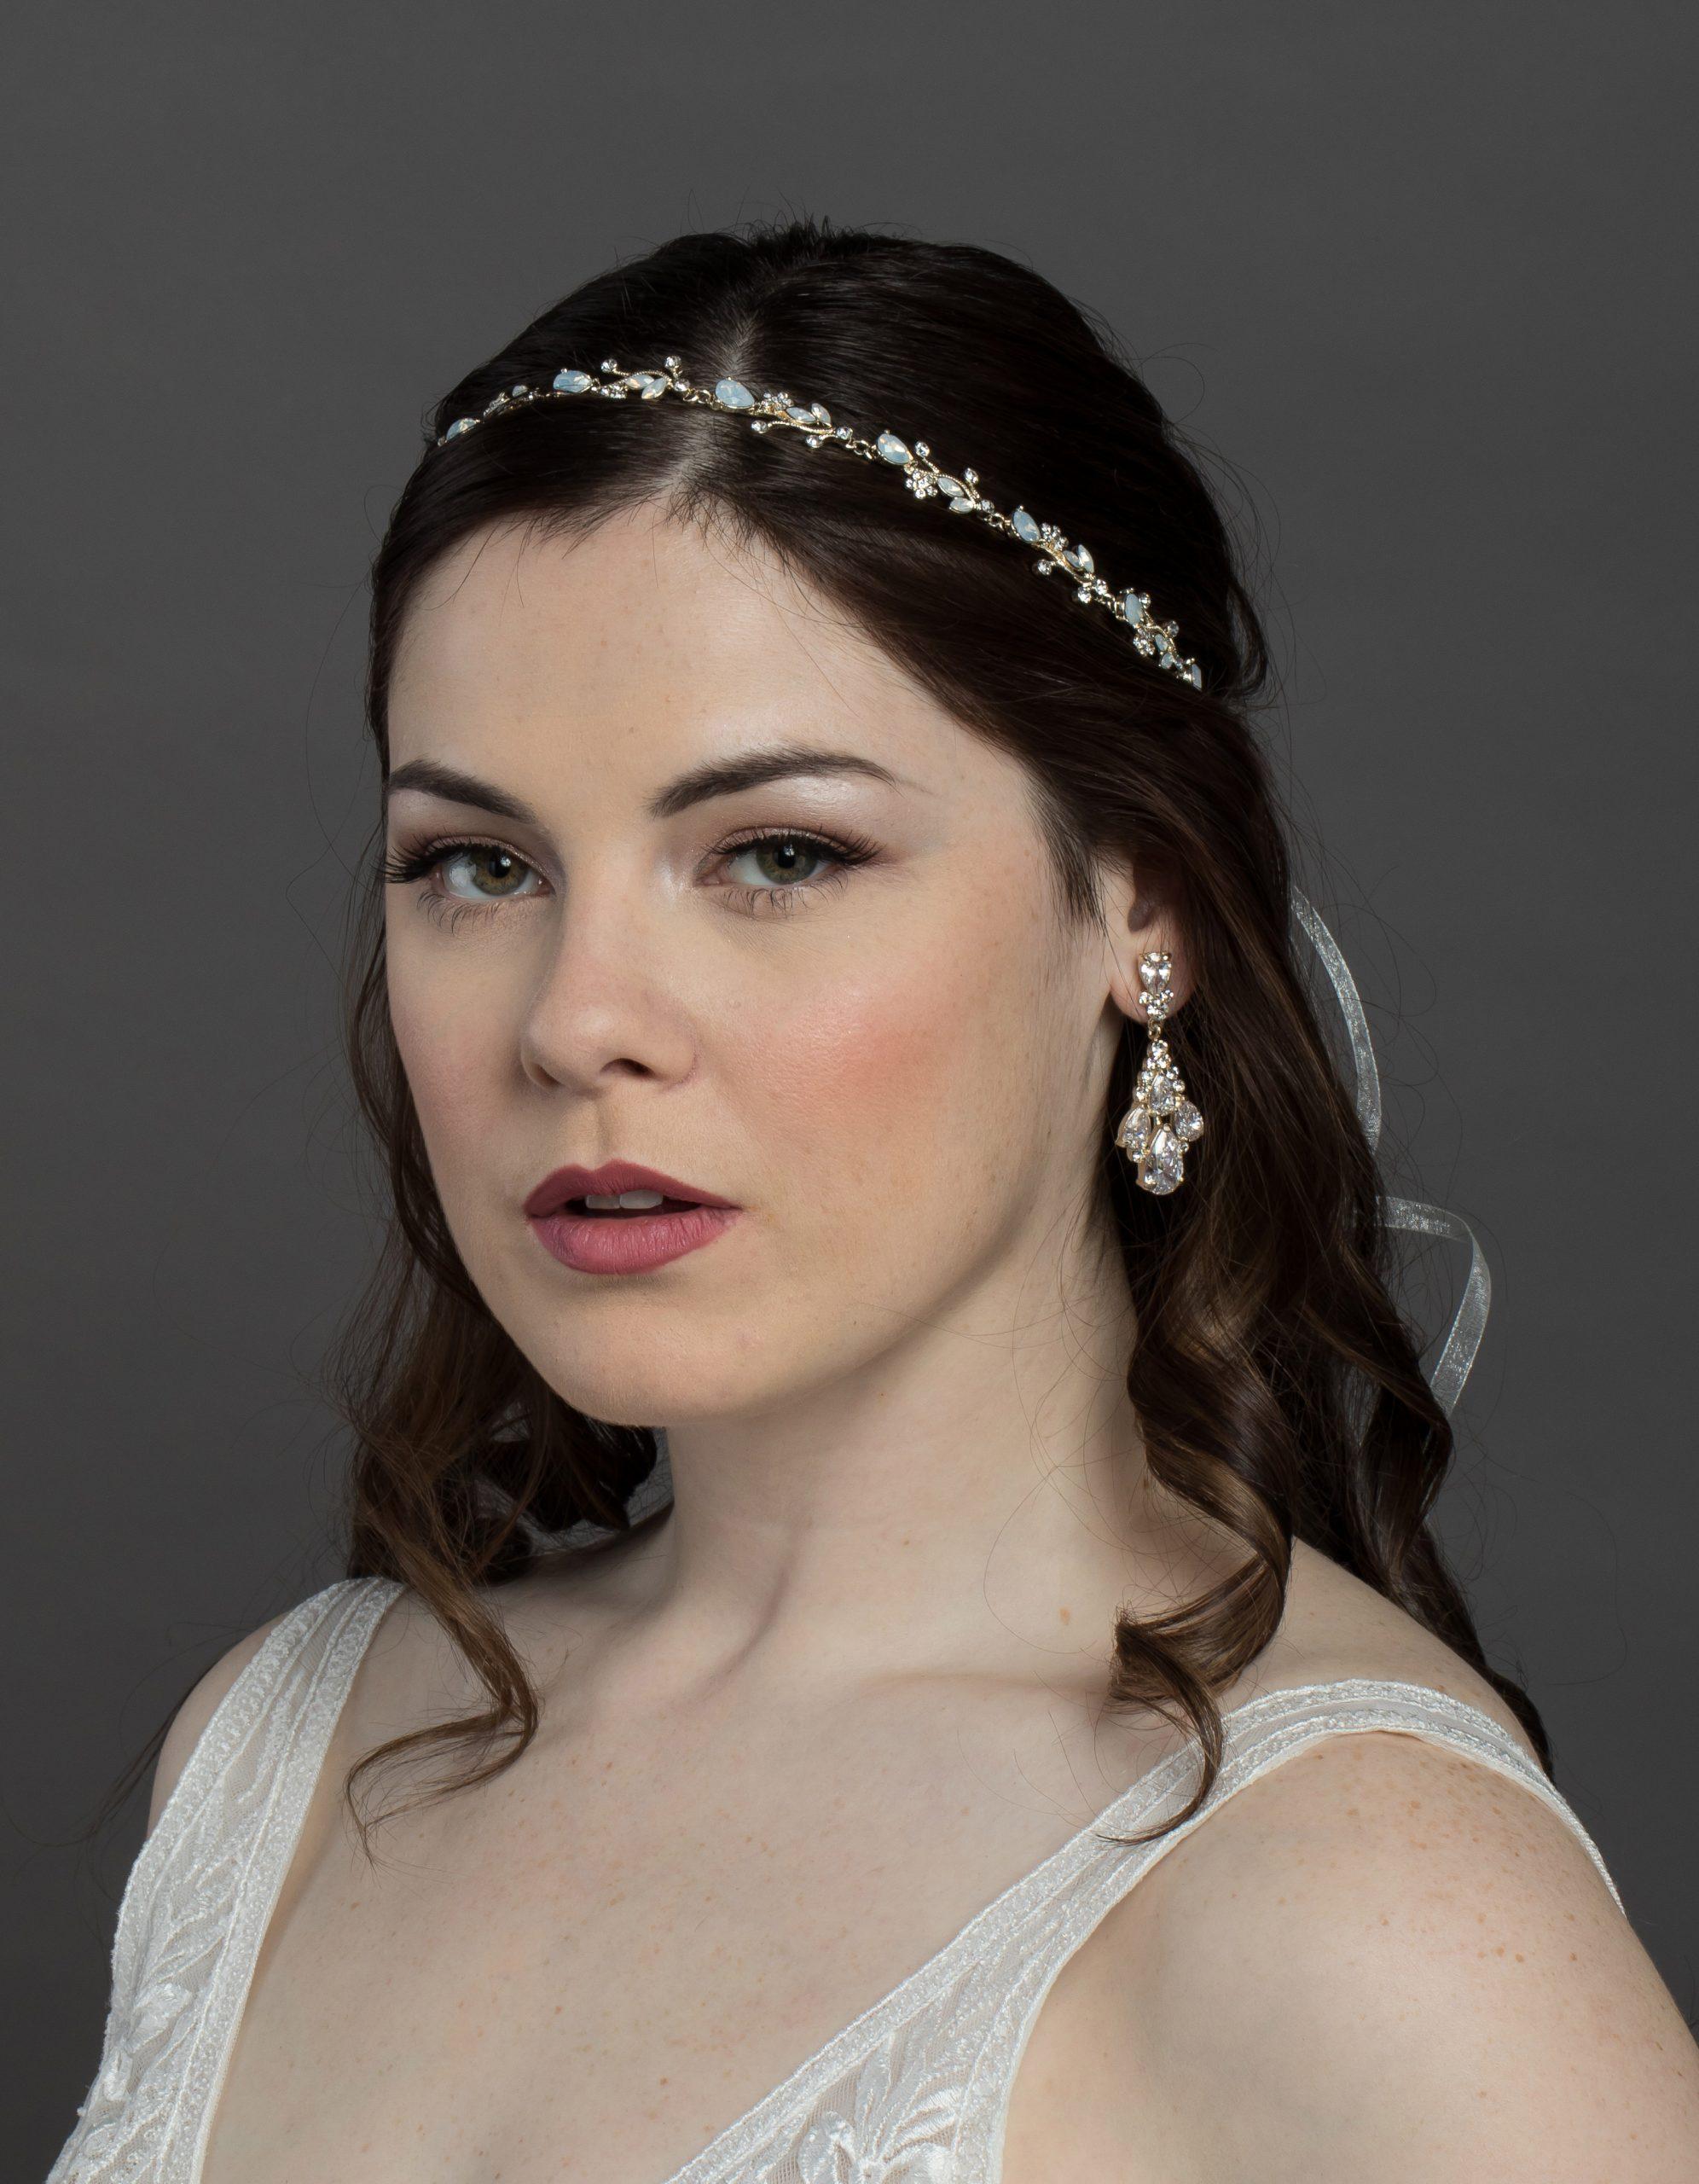 Bridal Classics Headbands HB-7114